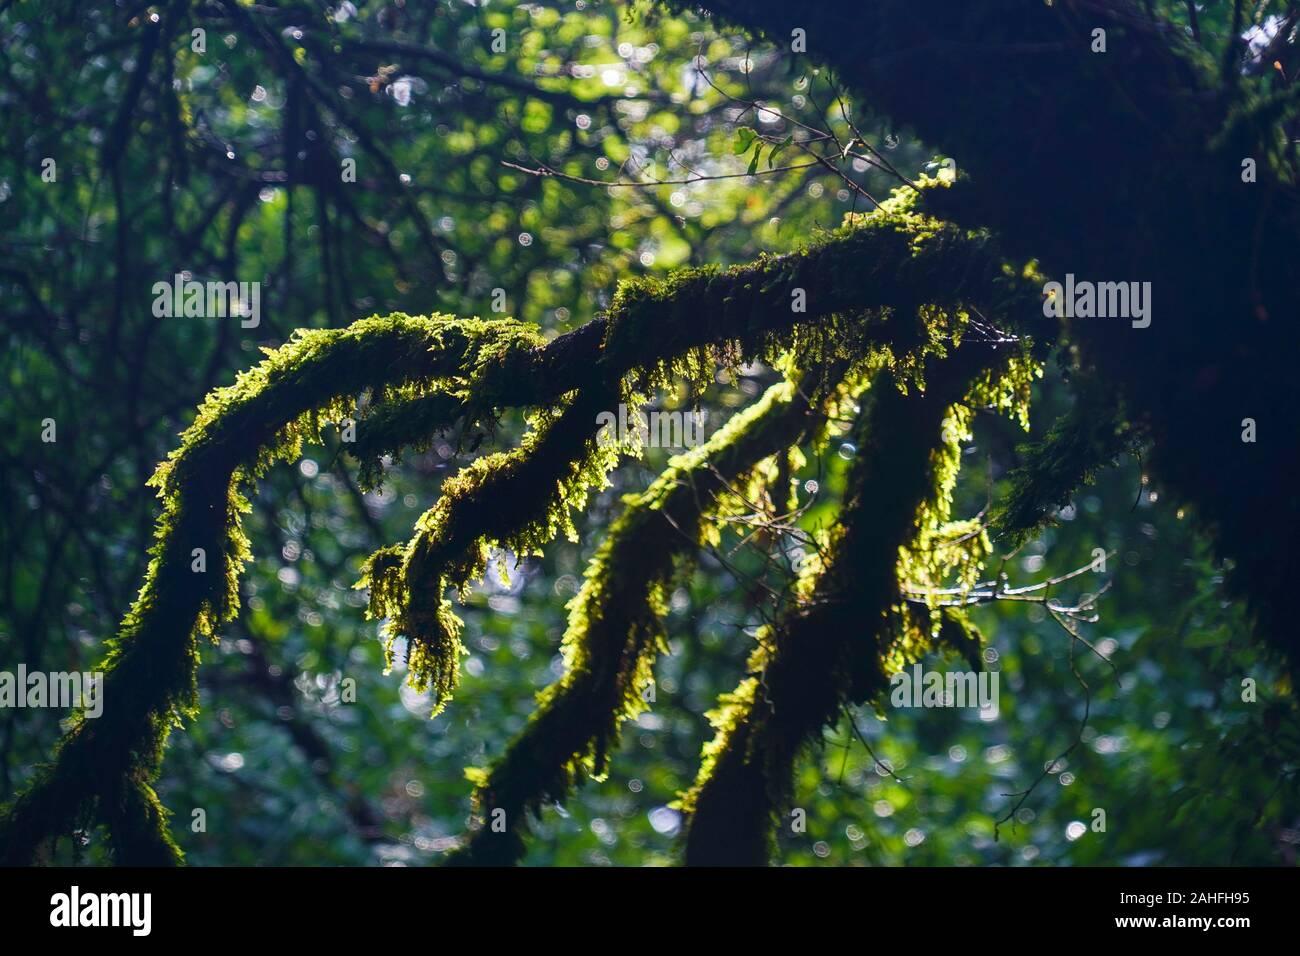 Une forêt dense sur l'île grecque de Céphalonie, Mer Ionienne, Grèce Banque D'Images